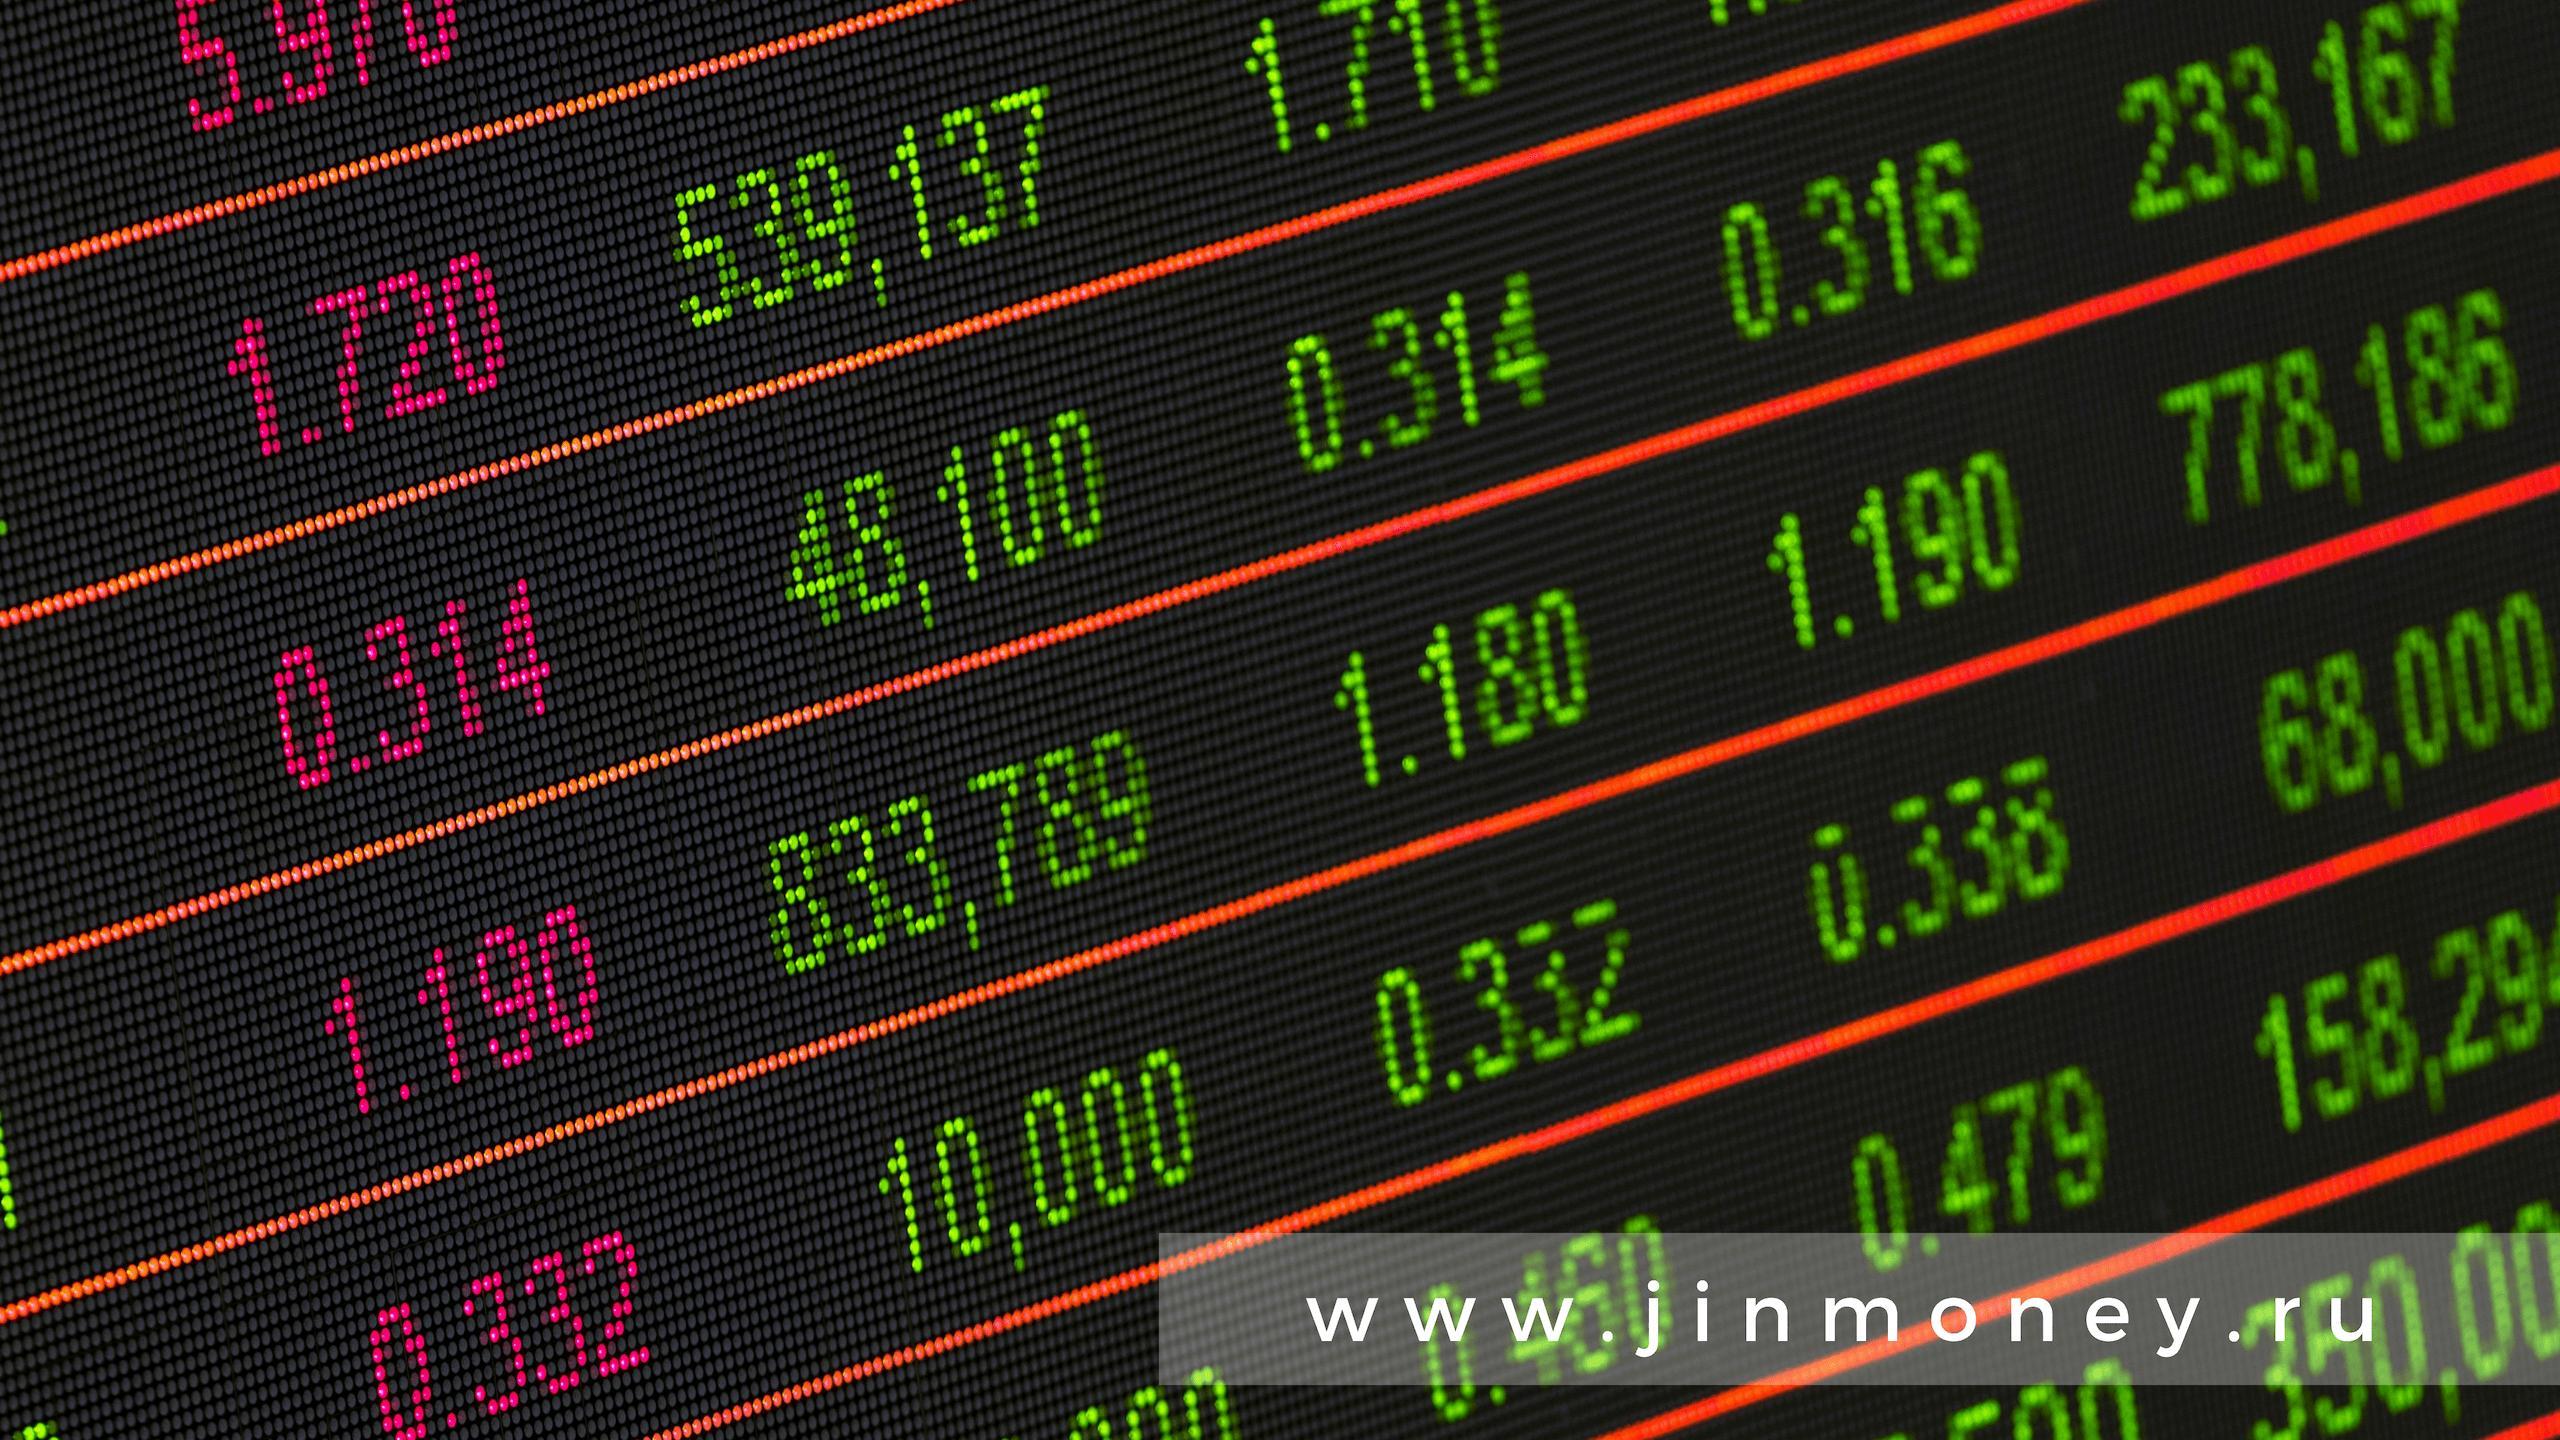 сбербанк открывает торги новым биржевым фондом